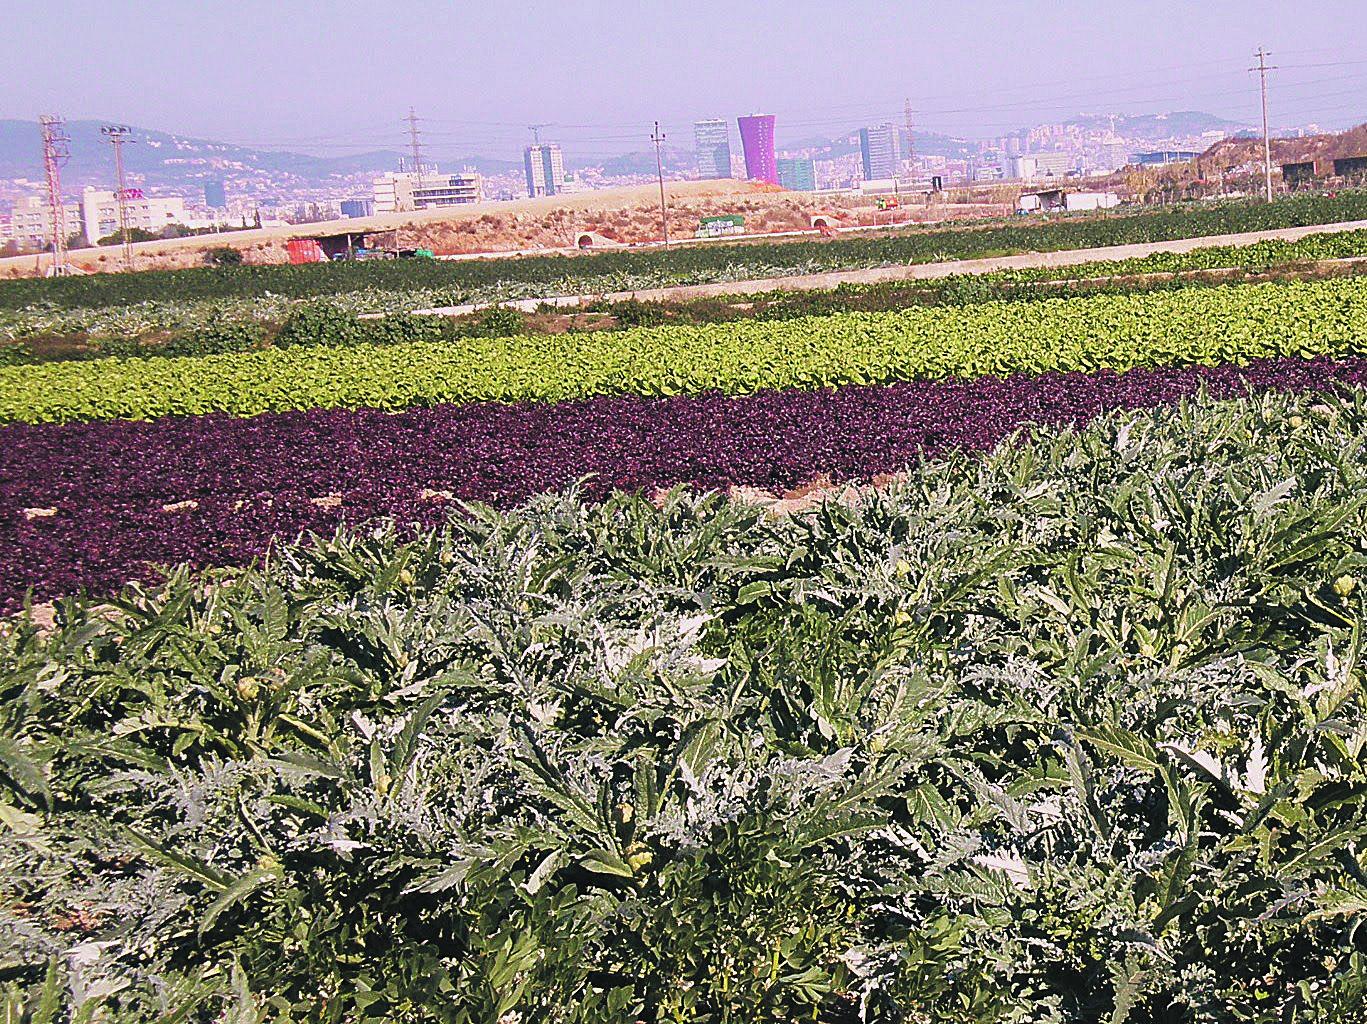 El área metropolitana conserva un rico patrimonio agrícola y forestal.